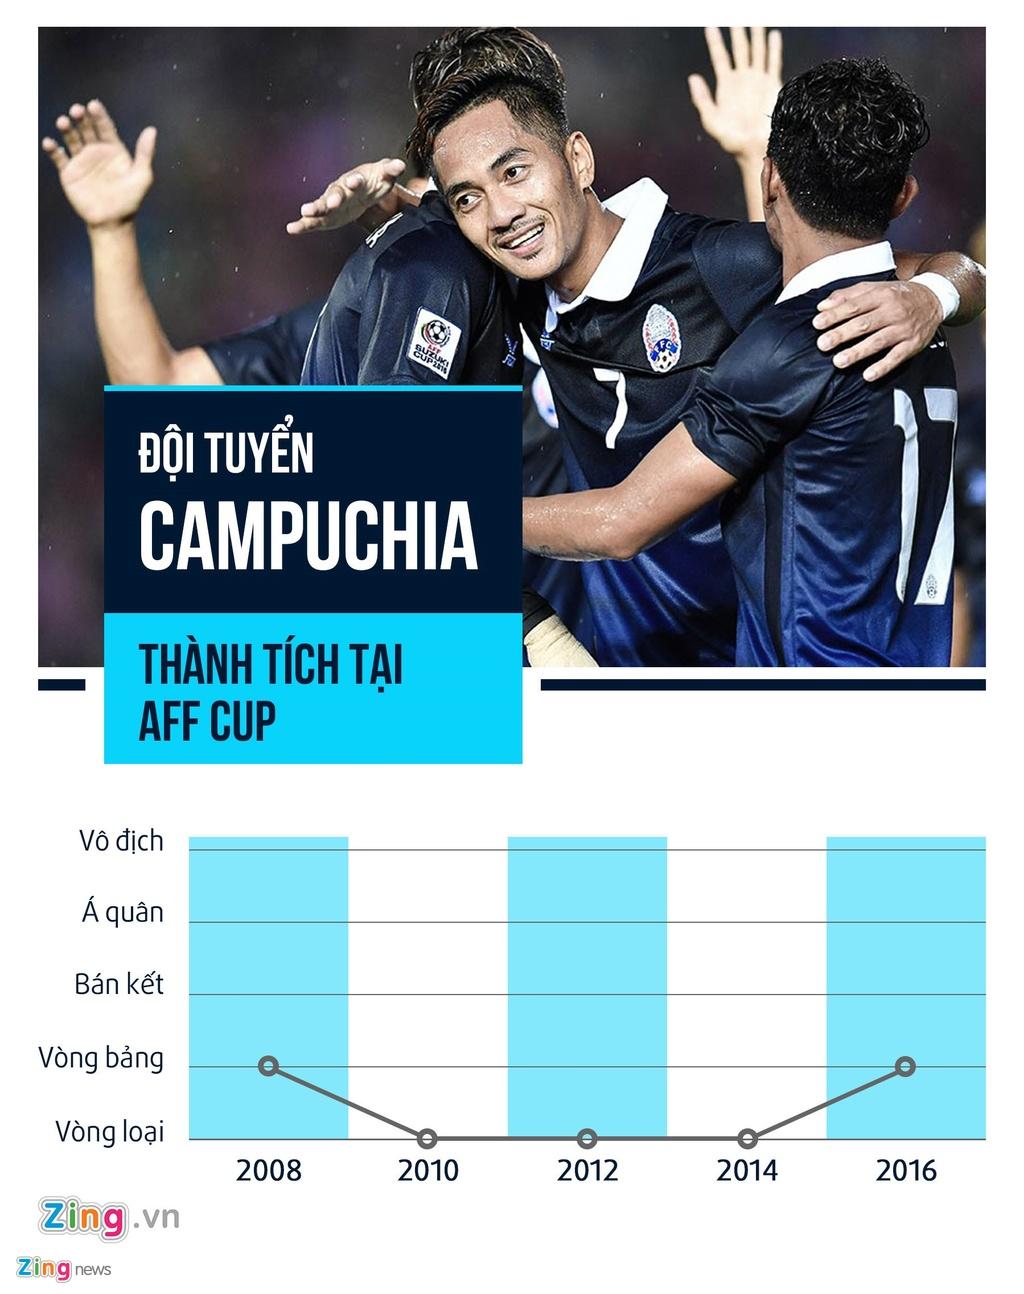 HLV Hoang Van Phuc: 'Thay tro ong Park se tan cong phu dau Campuchia' hinh anh 2